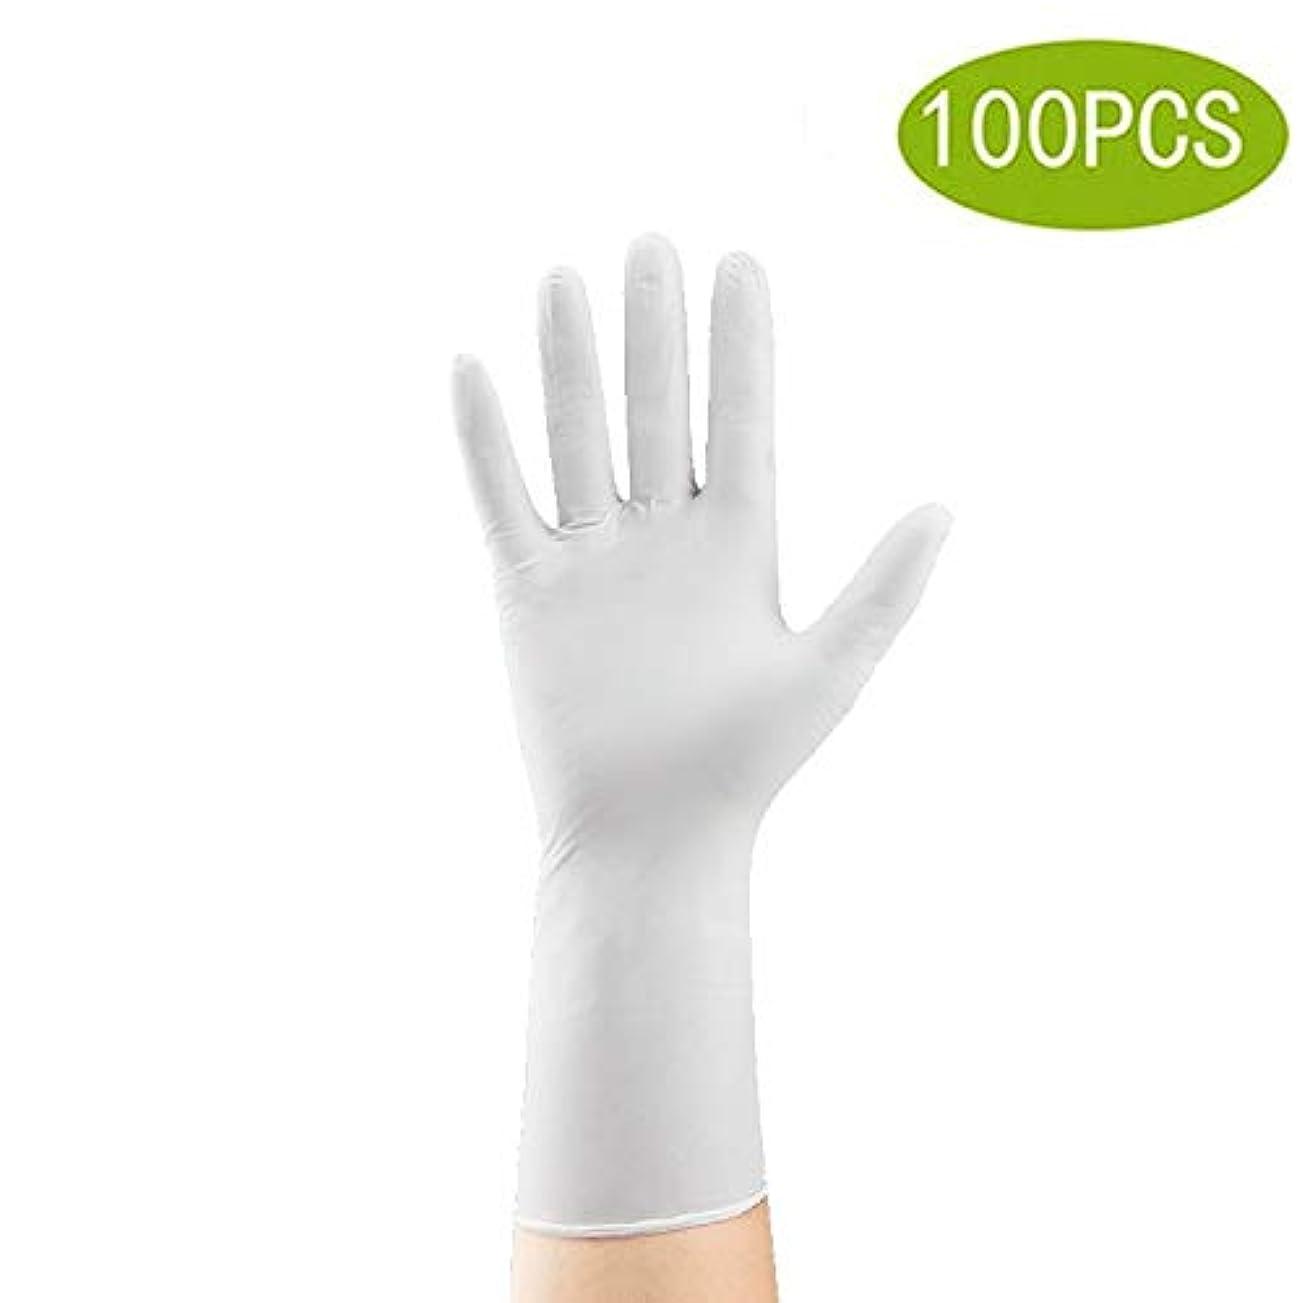 12インチメディカル試験ラテックス手袋| Jewelry-stores.co.uk5ミル厚、100個入りパウダーフリー、無菌、頑丈な試験用手袋|病院用プロフェッショナルグレード、法執行機関、使い捨て安全手袋 (Size...